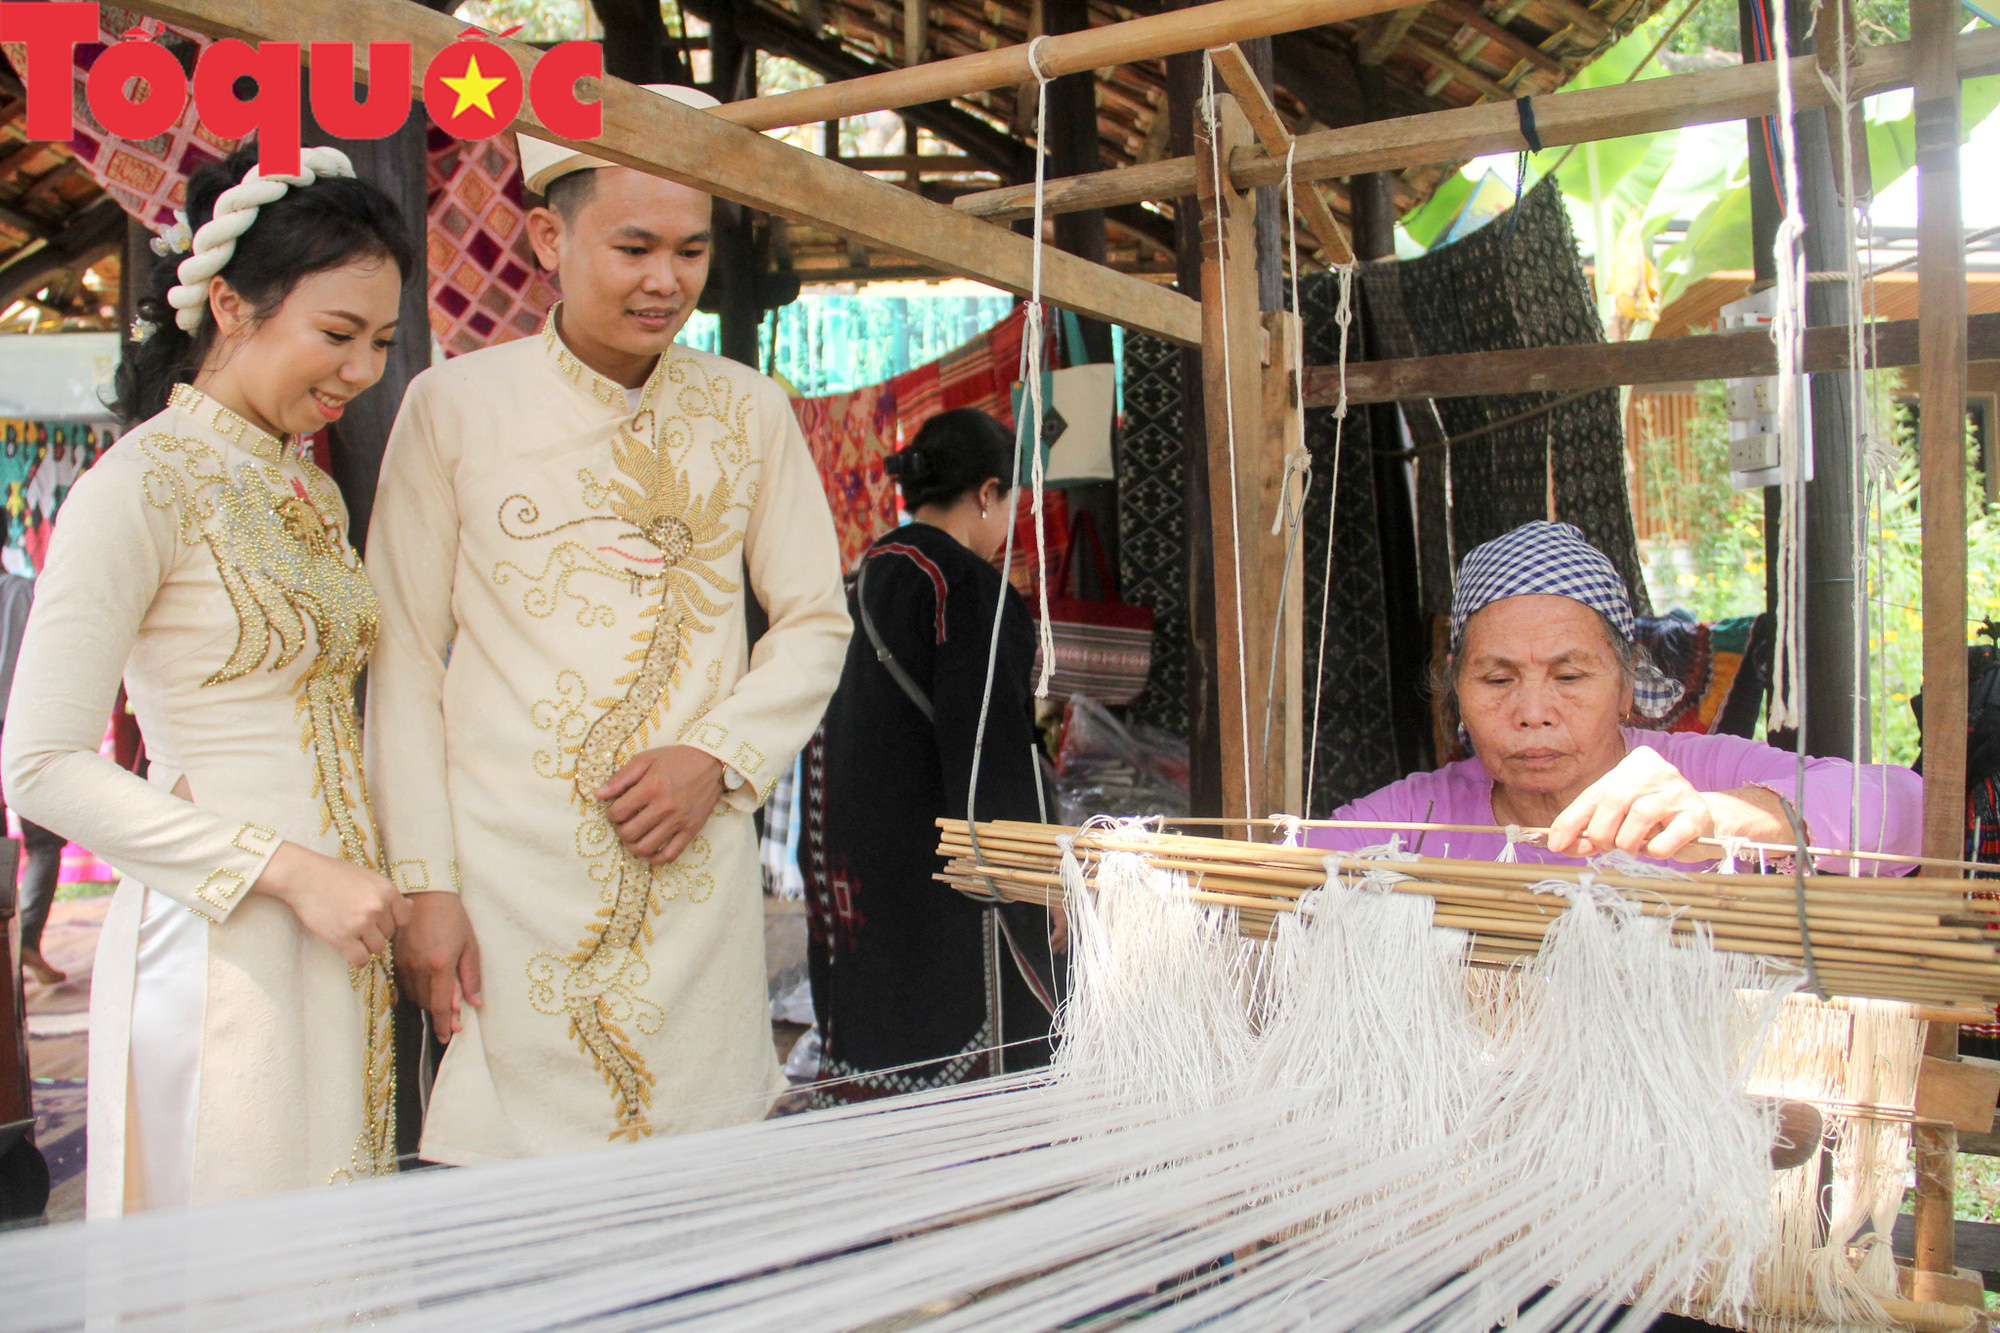 Tinh hoa làng nghề Việt hội tụ bên dòng sông Hương - Ảnh 7.